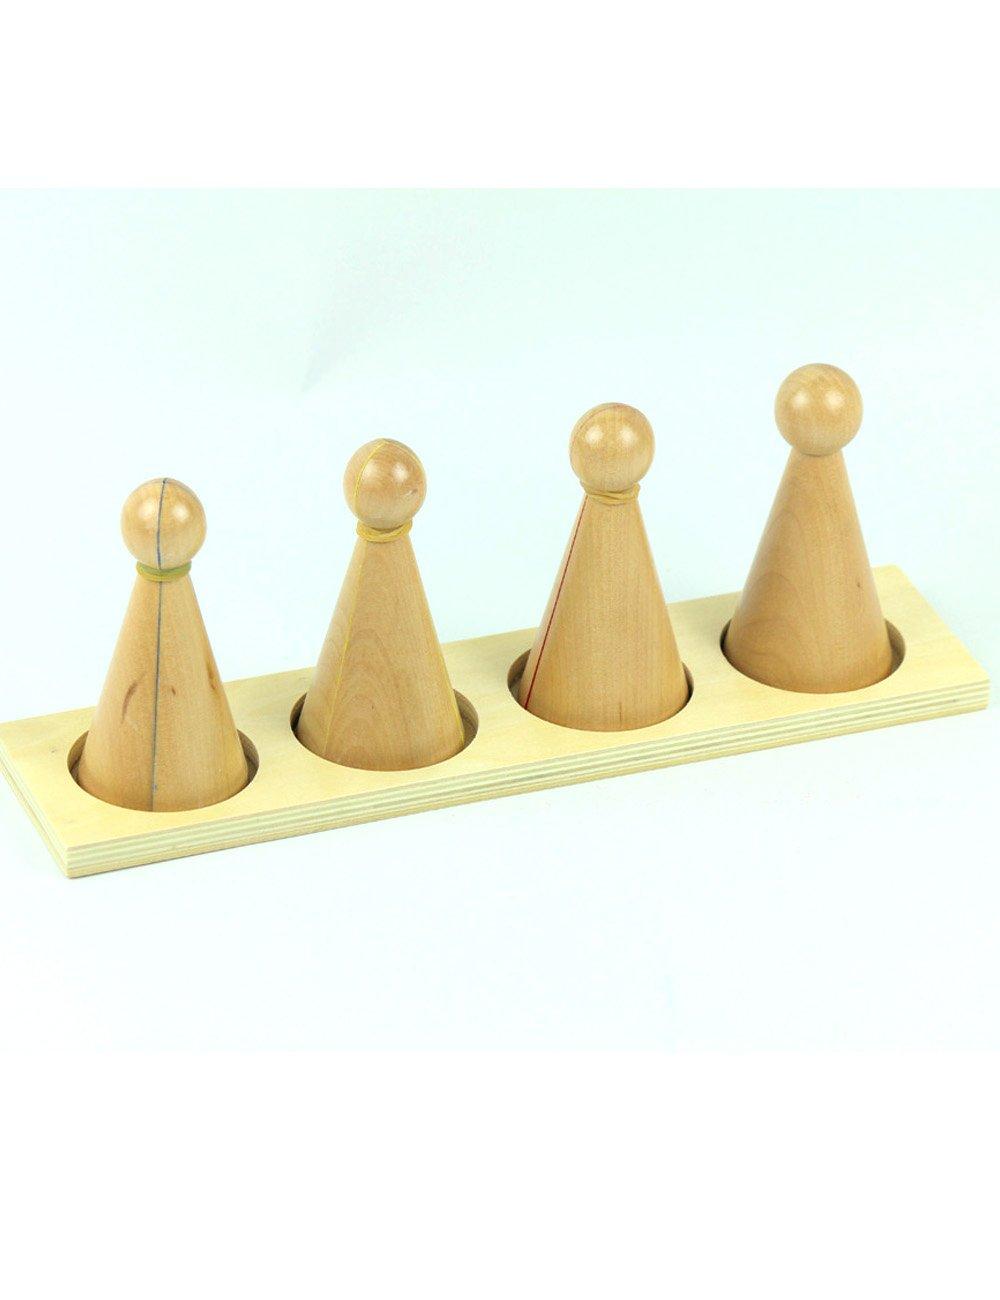 波菲 专业版蒙氏教具分数小人 幼儿园专供蒙台梭利教具